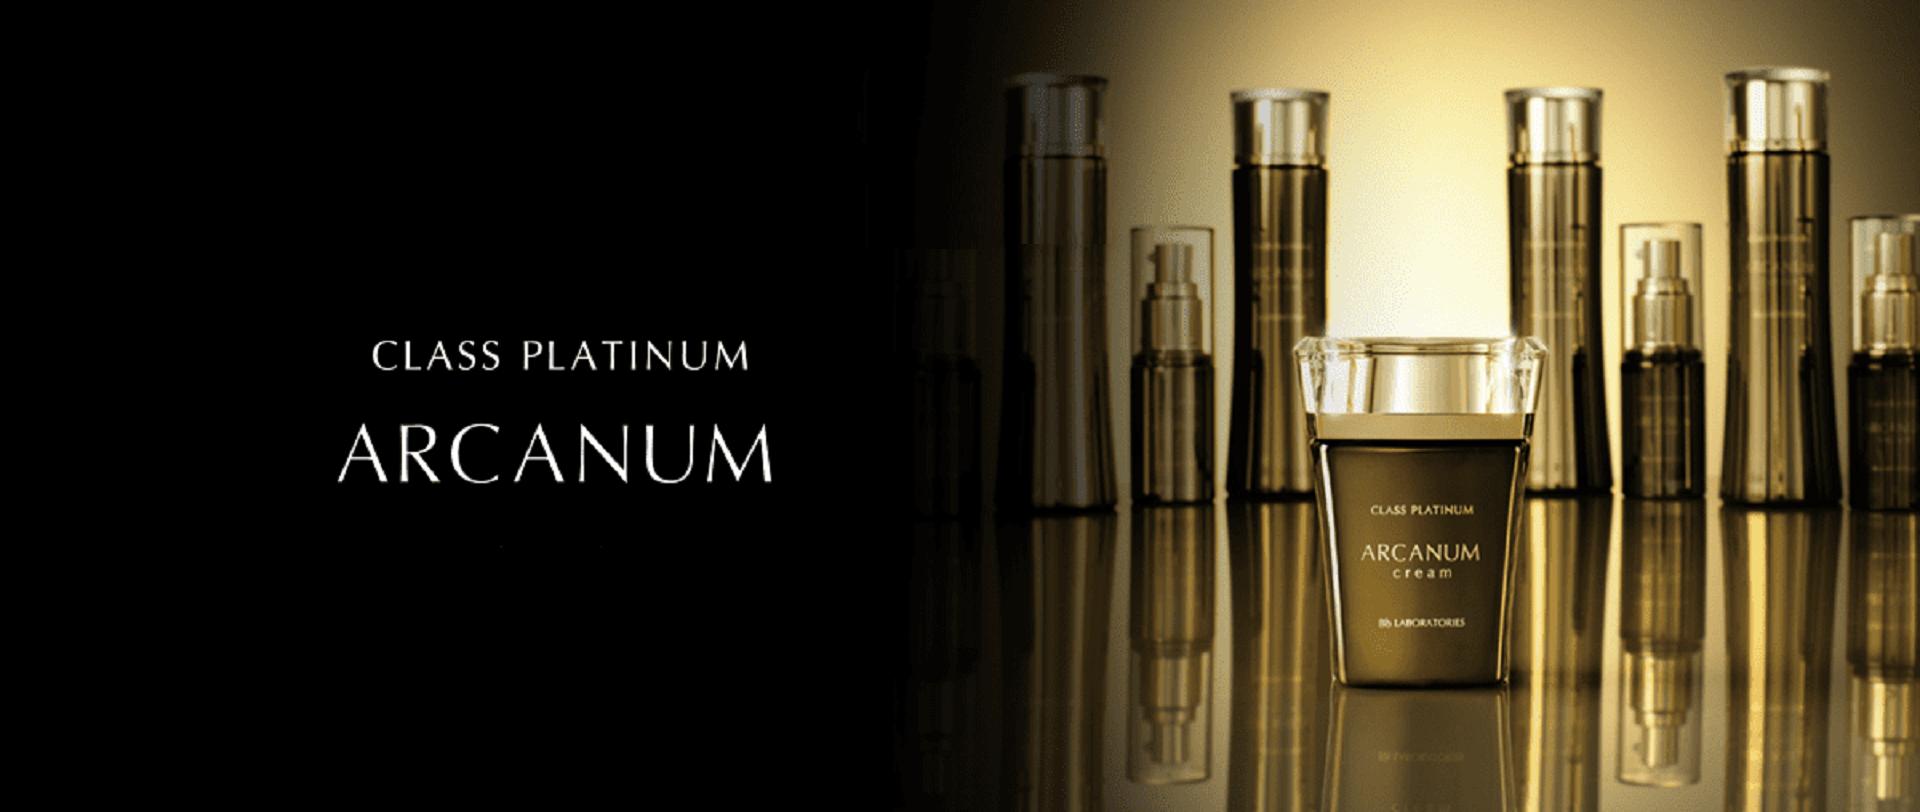 Class Platinum ARCANUM